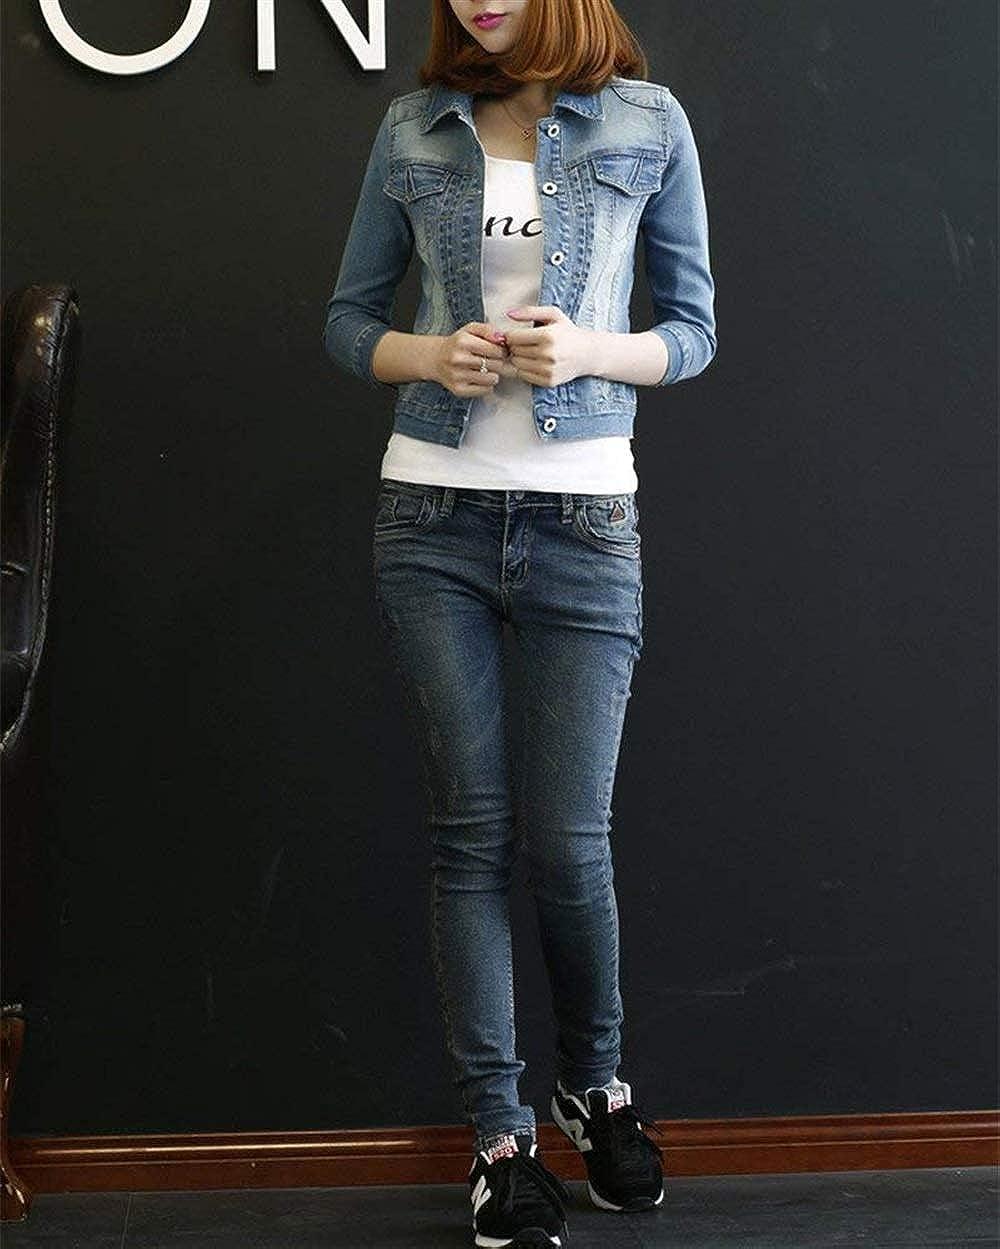 Jeans Giacca Donna Taglie Forti Corto Primaverile Autunno Casual Manica 3//4 Bavero Cappotto Jeans Giacca Eleganti Fashion Tendenza Grazioso Vintage Cappotto Jeans Ragazze